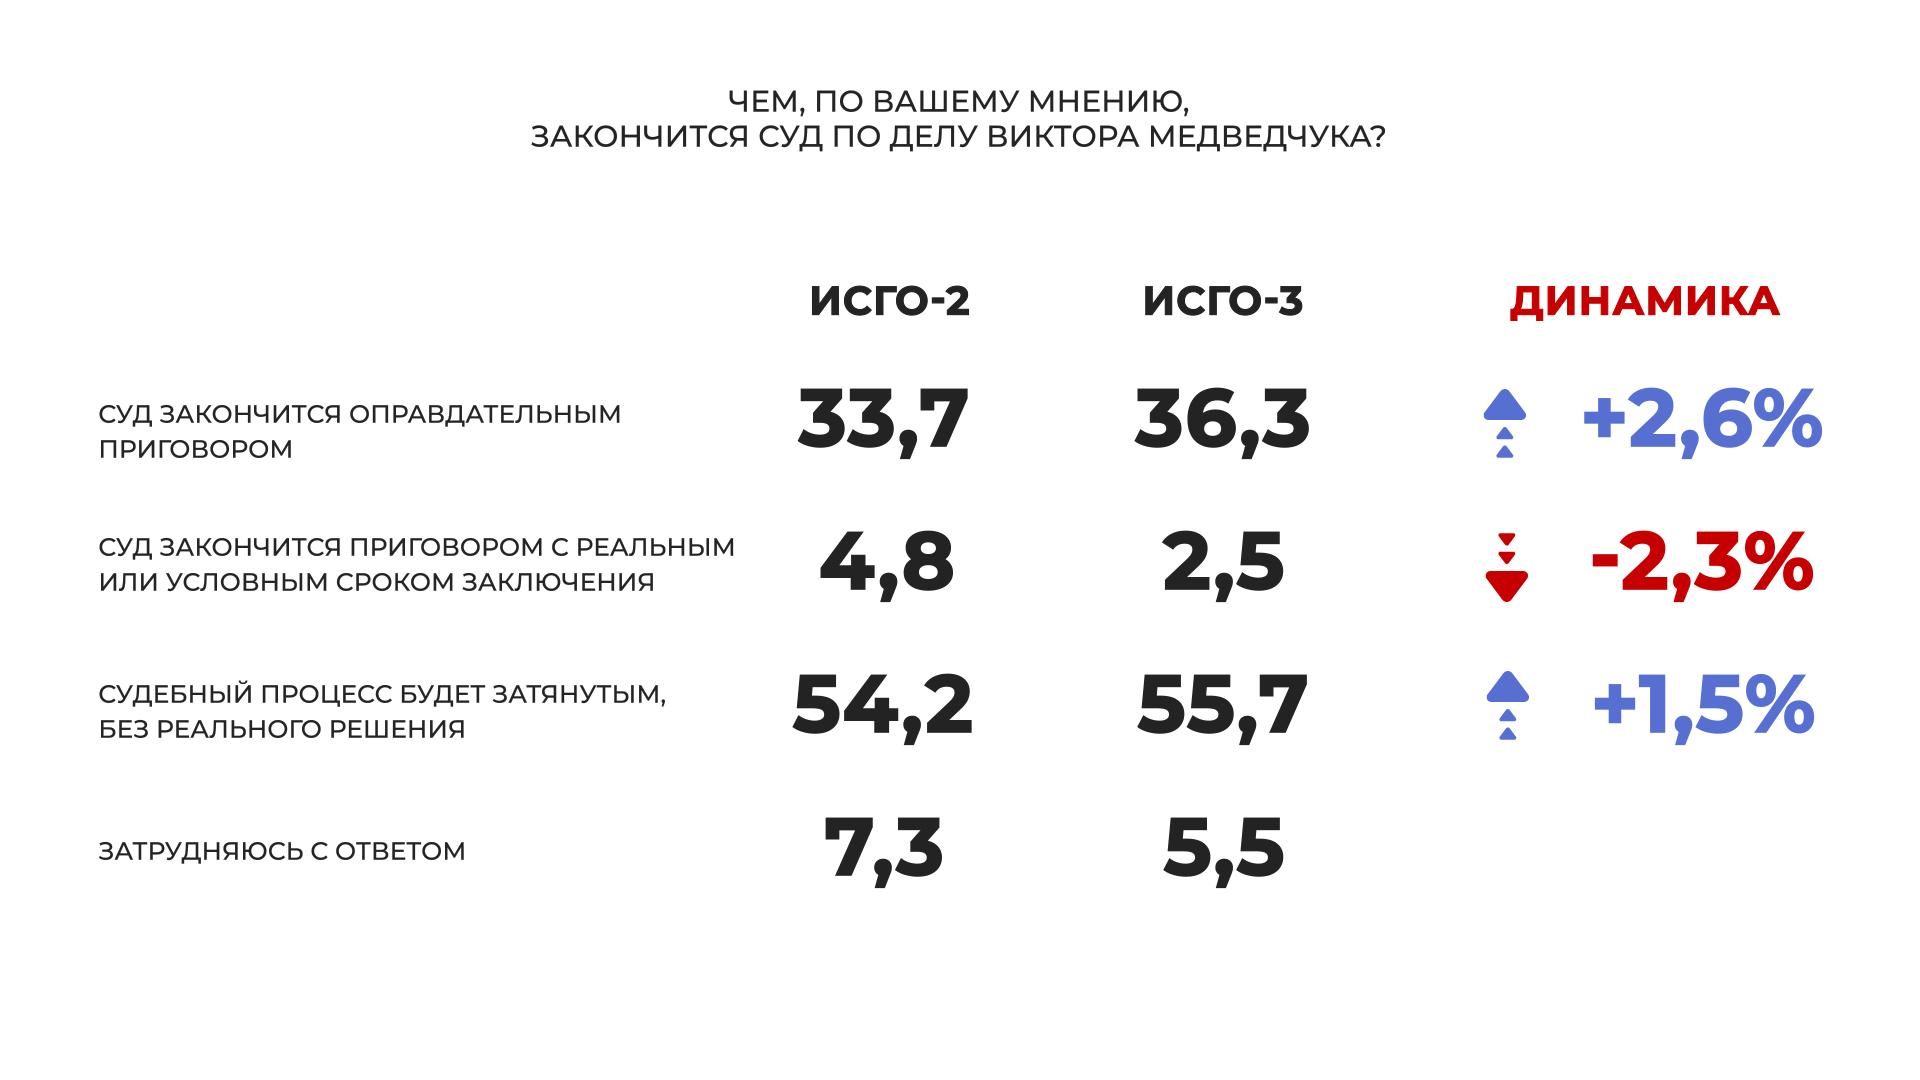 """""""Слуга народа"""" и """"Оппозиционная платформа – За жизнь"""" – лидеры парламентских выборов, большинство украинцев считают, что Медведчук невиновен, - соцопрос - фото 5"""